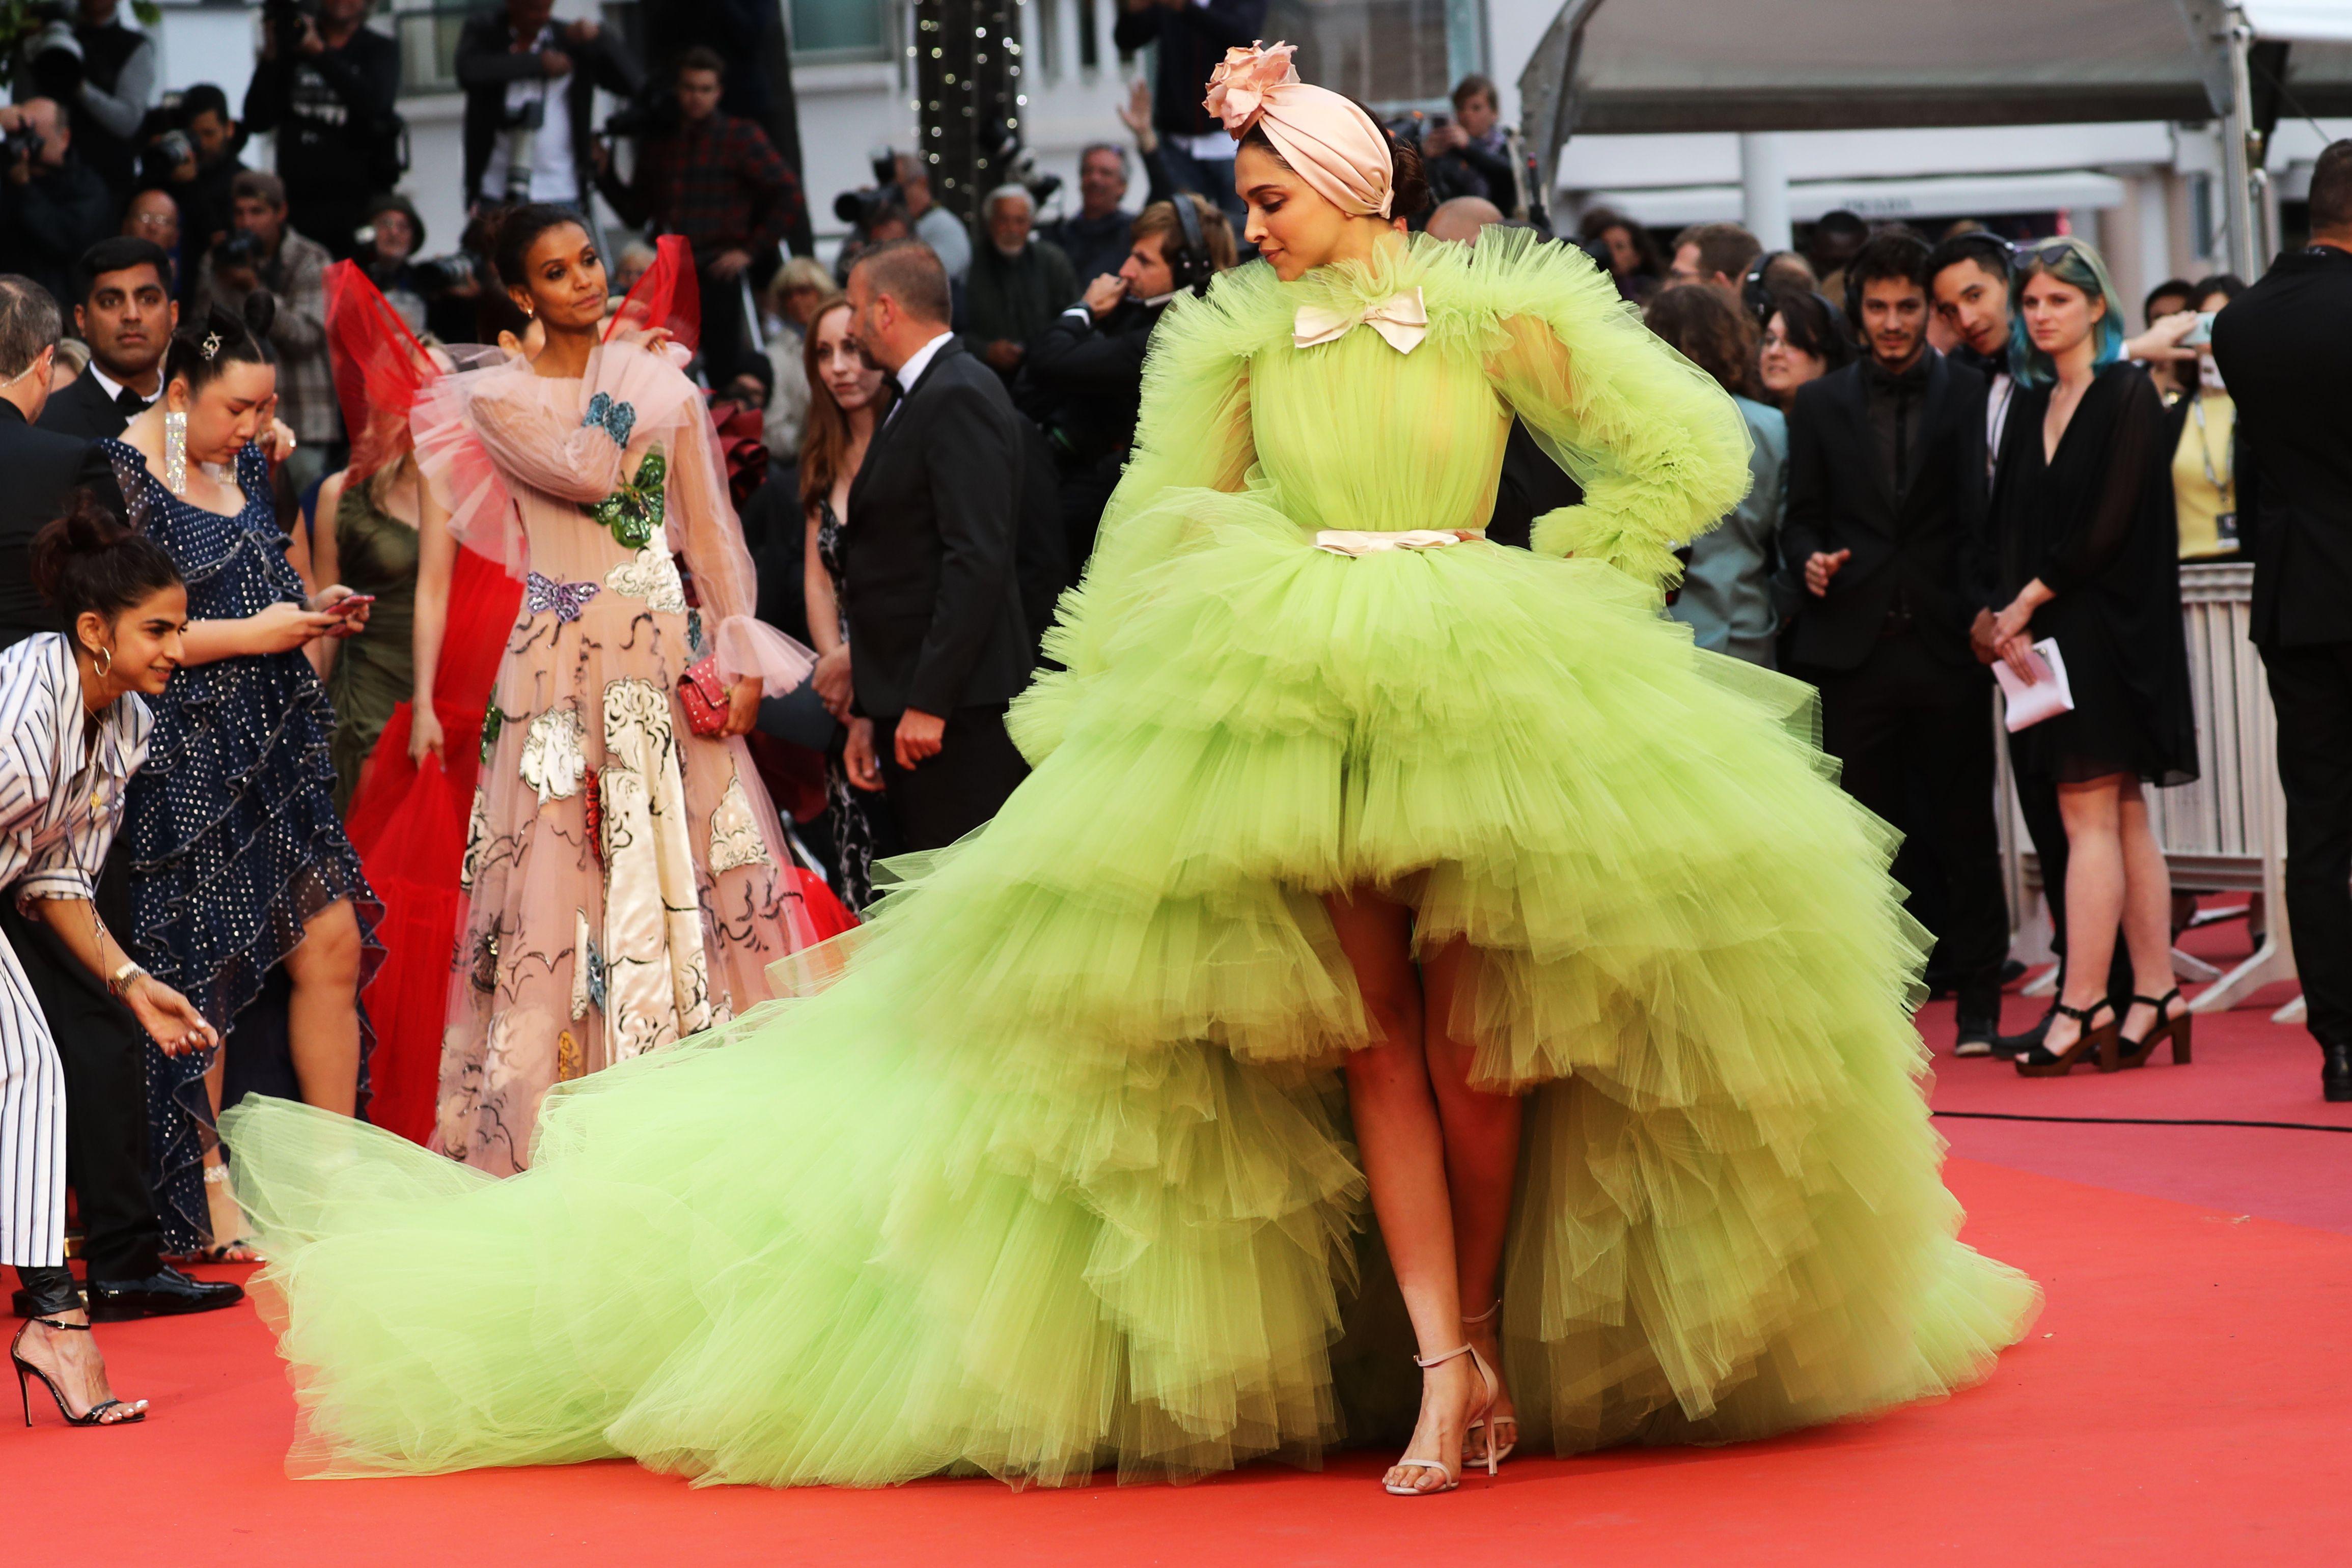 Váy quá khổ được ưa chuộng ở Cannes 2019 1